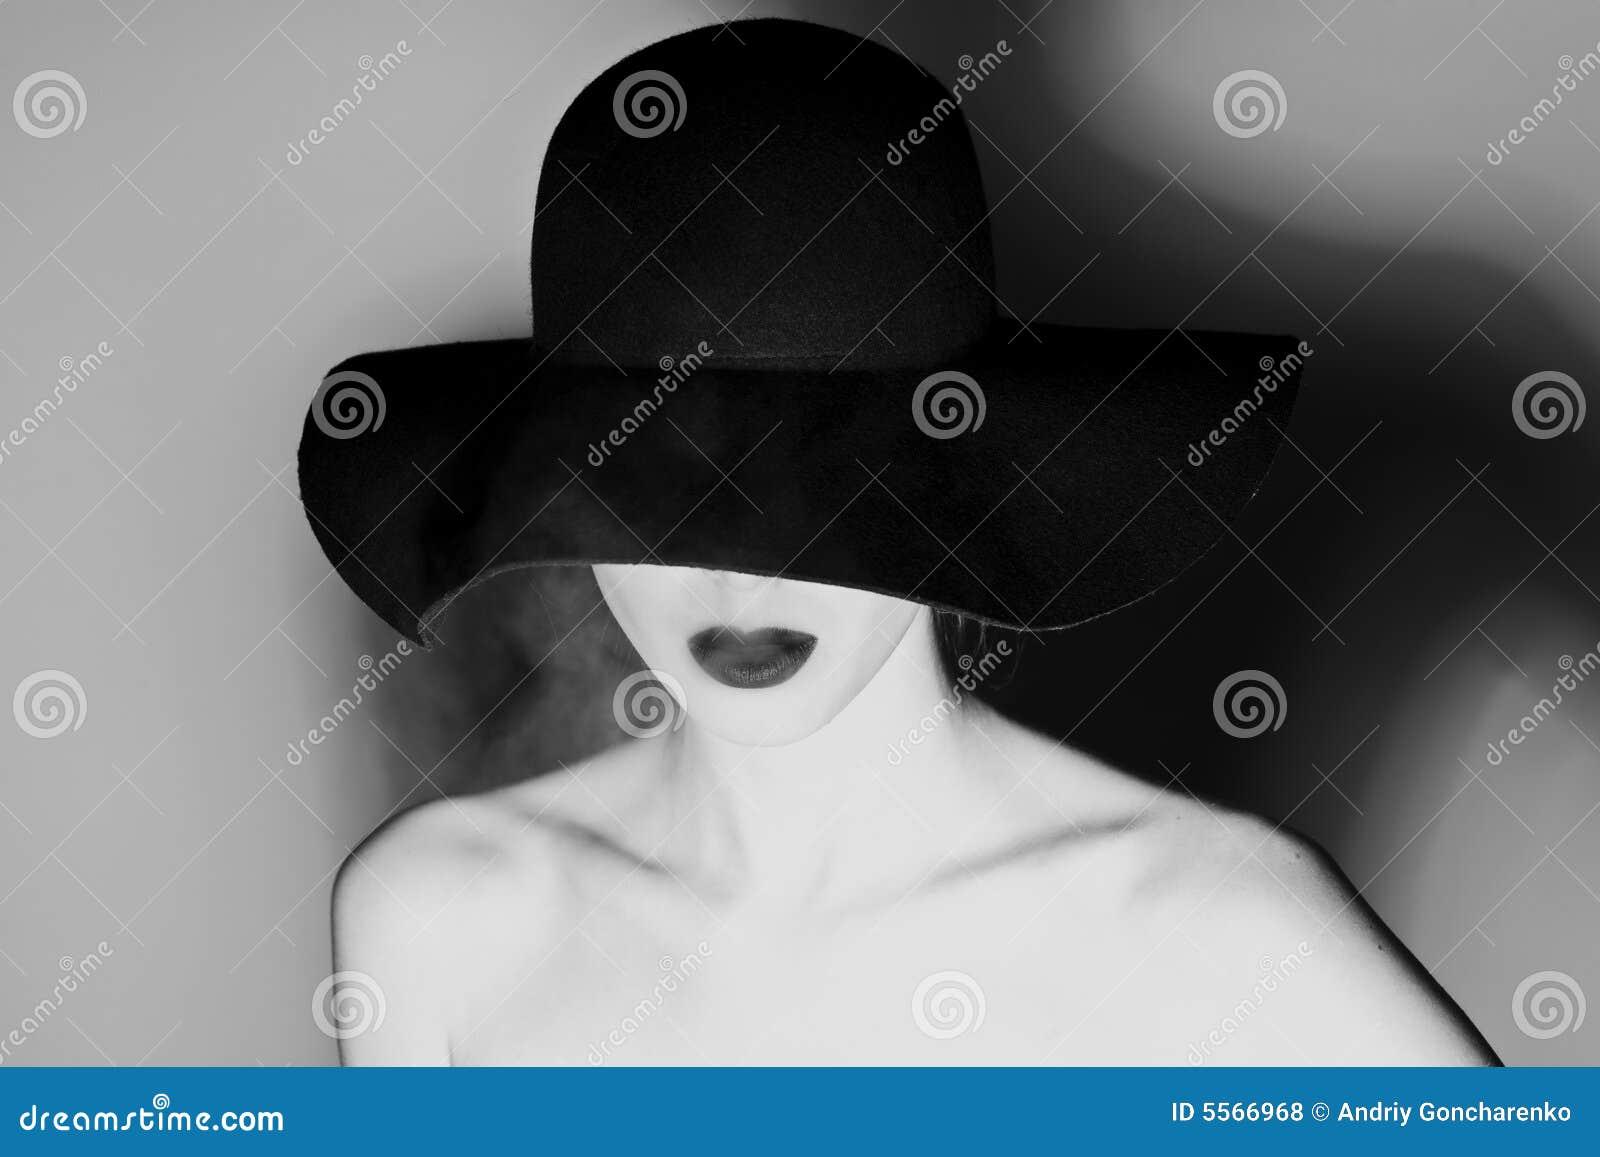 Cappello fotografia stock. Immagine di arte, adattato ...